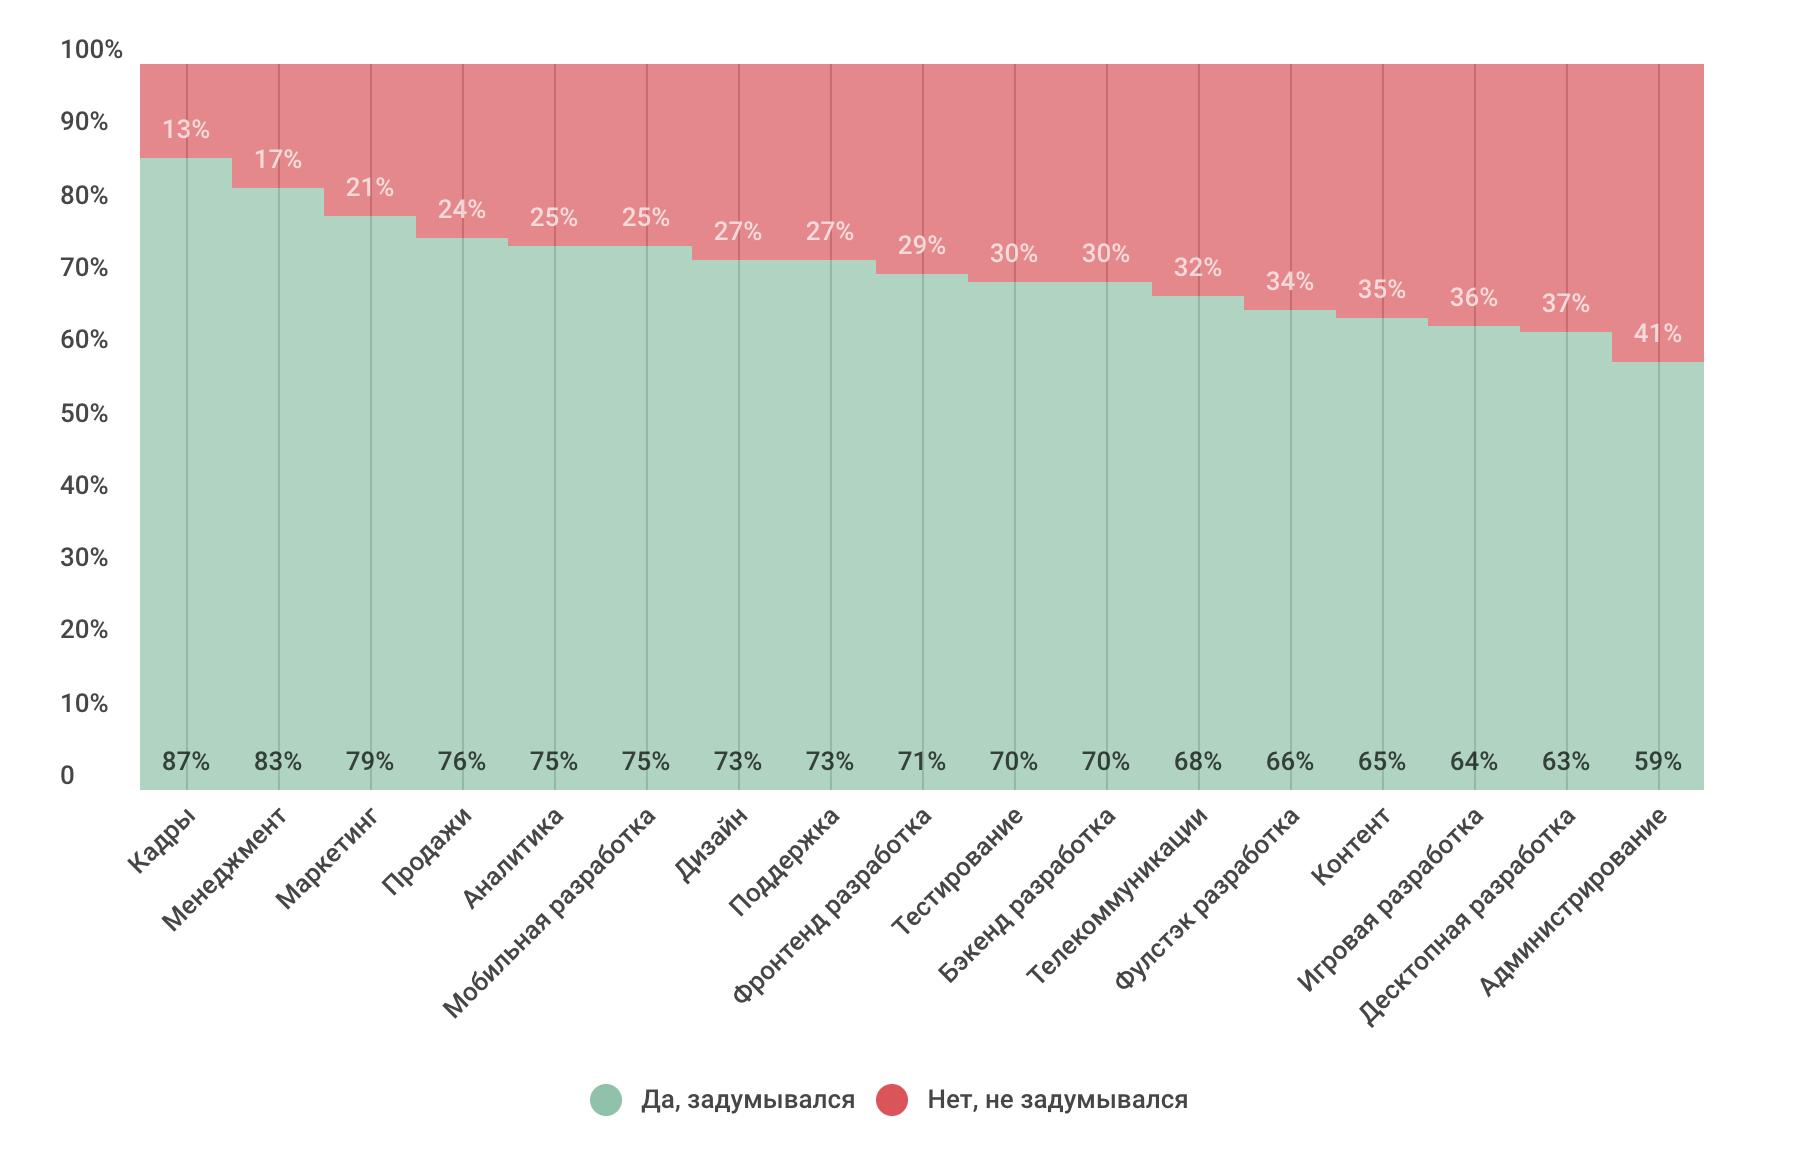 Профессиональные или жизненные навыки: что важнее в ИТ-индустрии сегодня и в будущем (результаты опроса) - 7